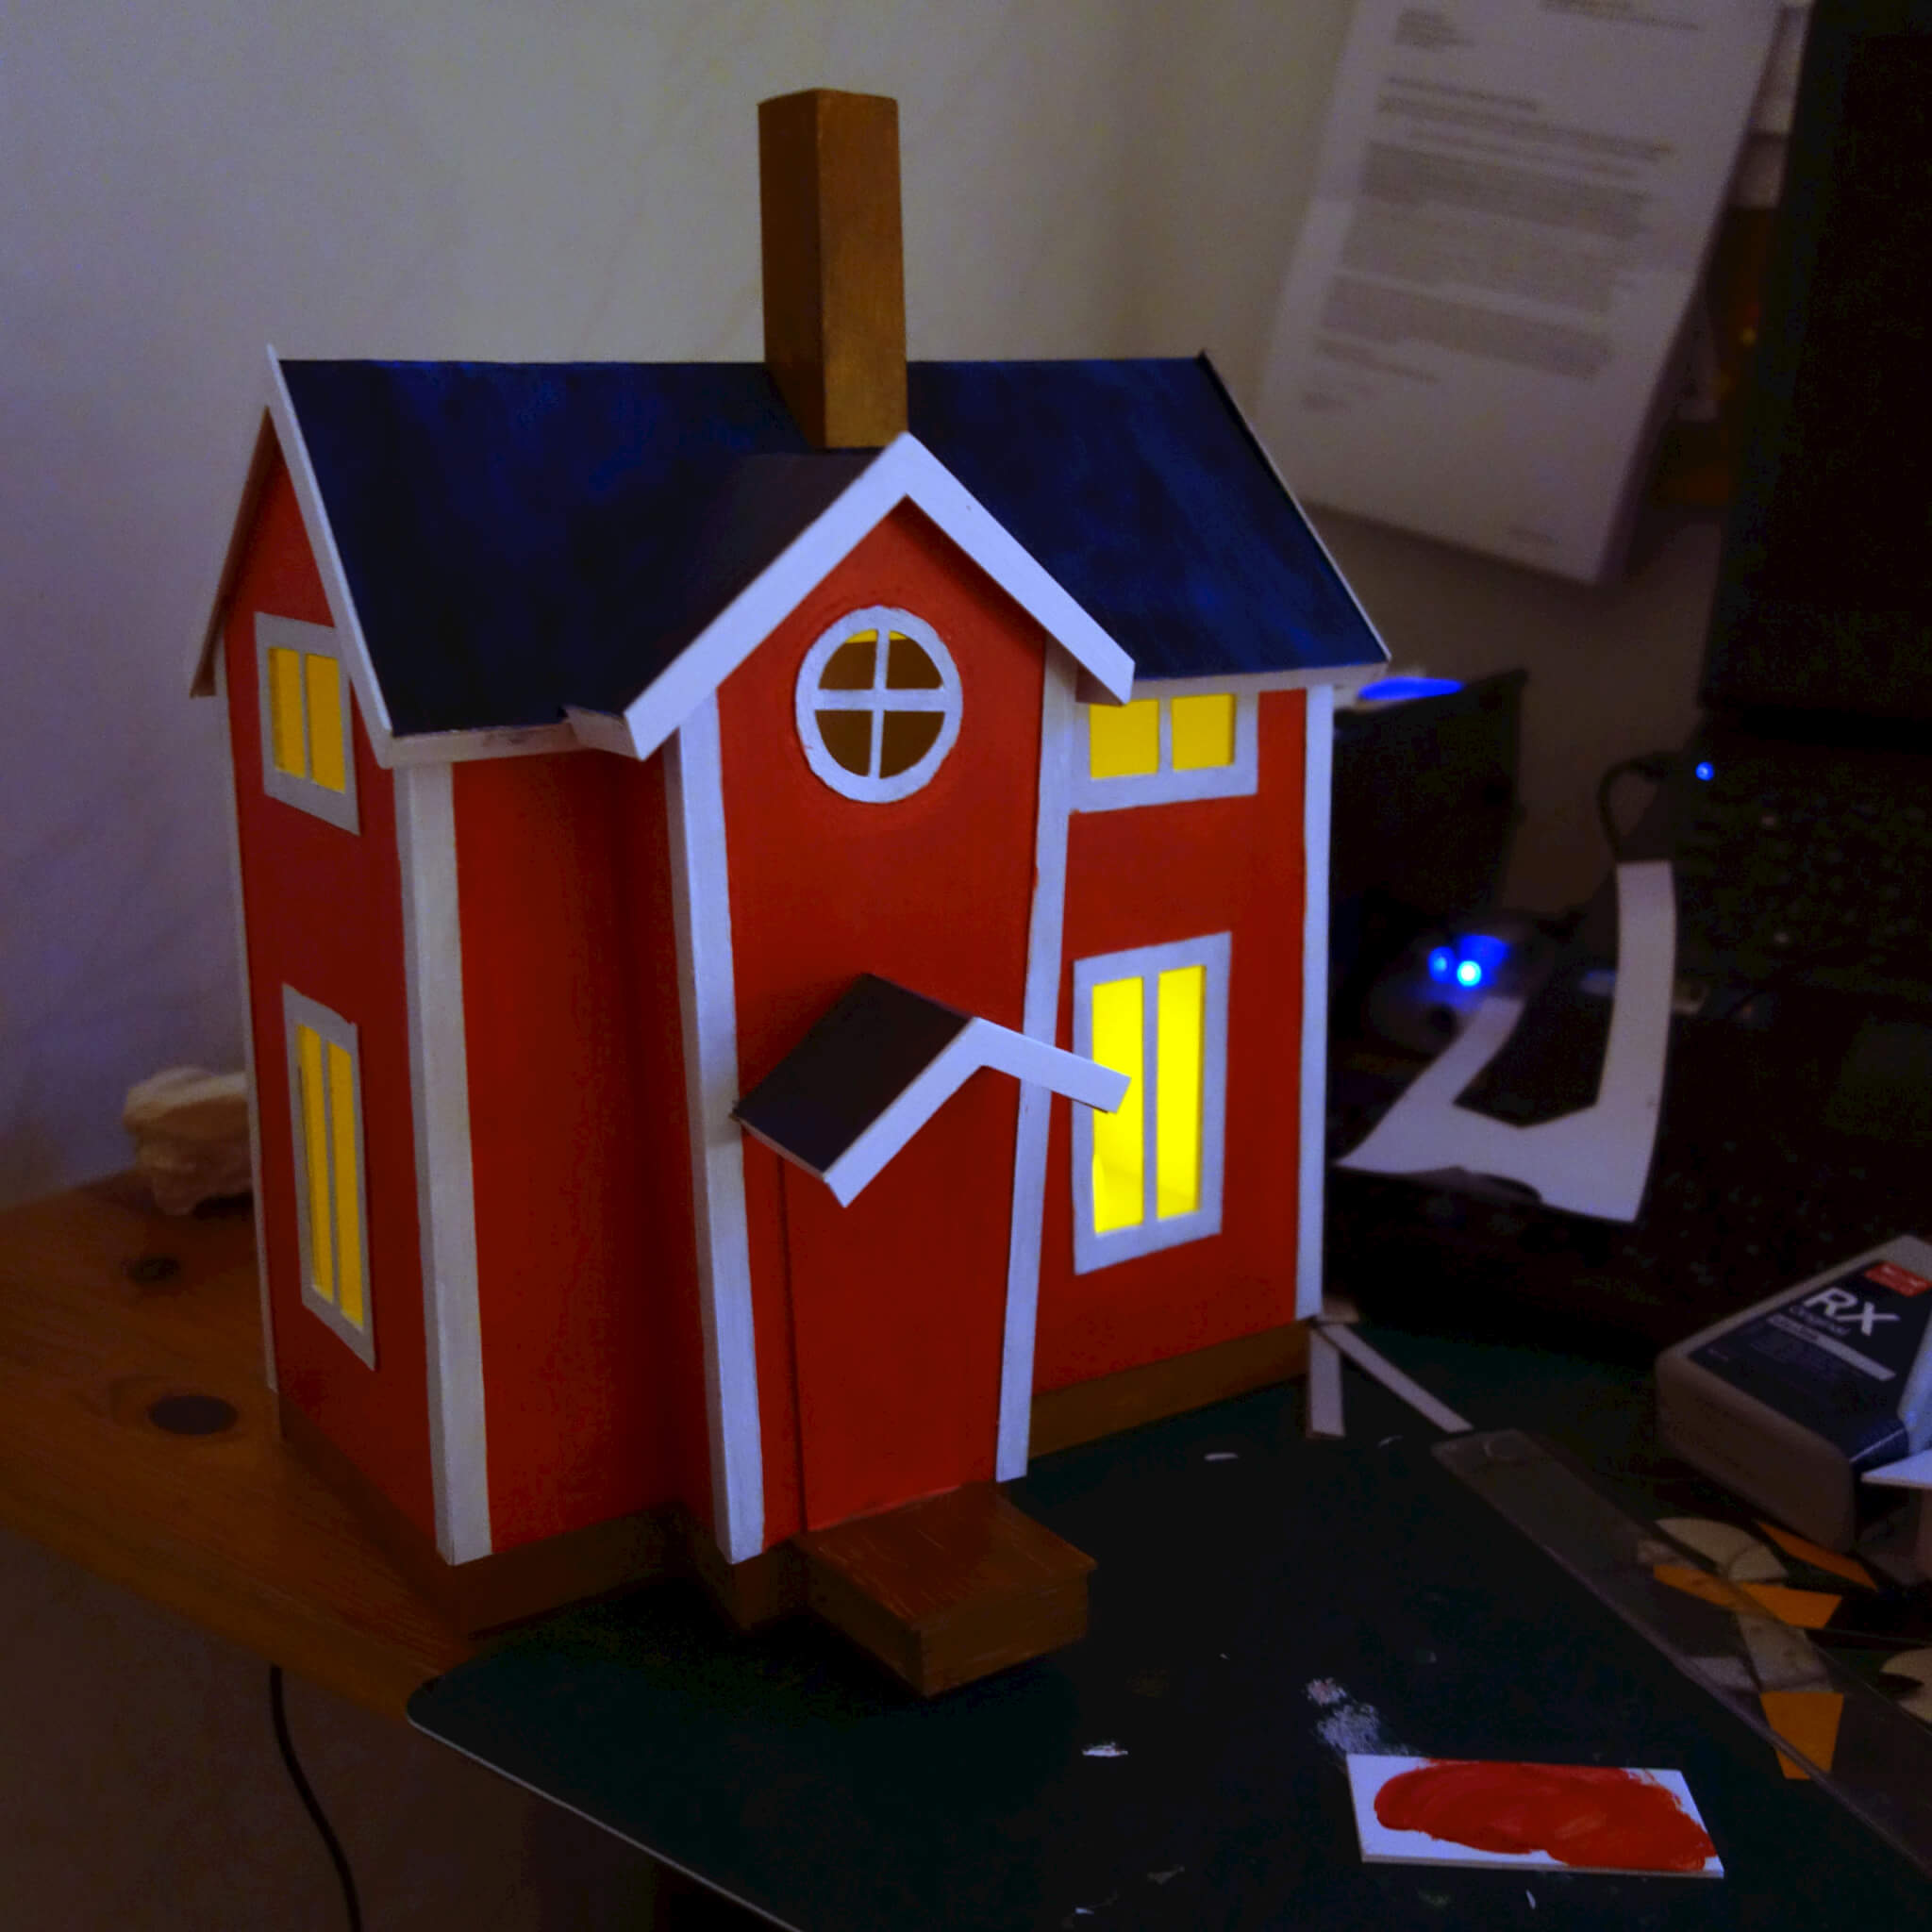 Pikkus hus med färg och lite belysning